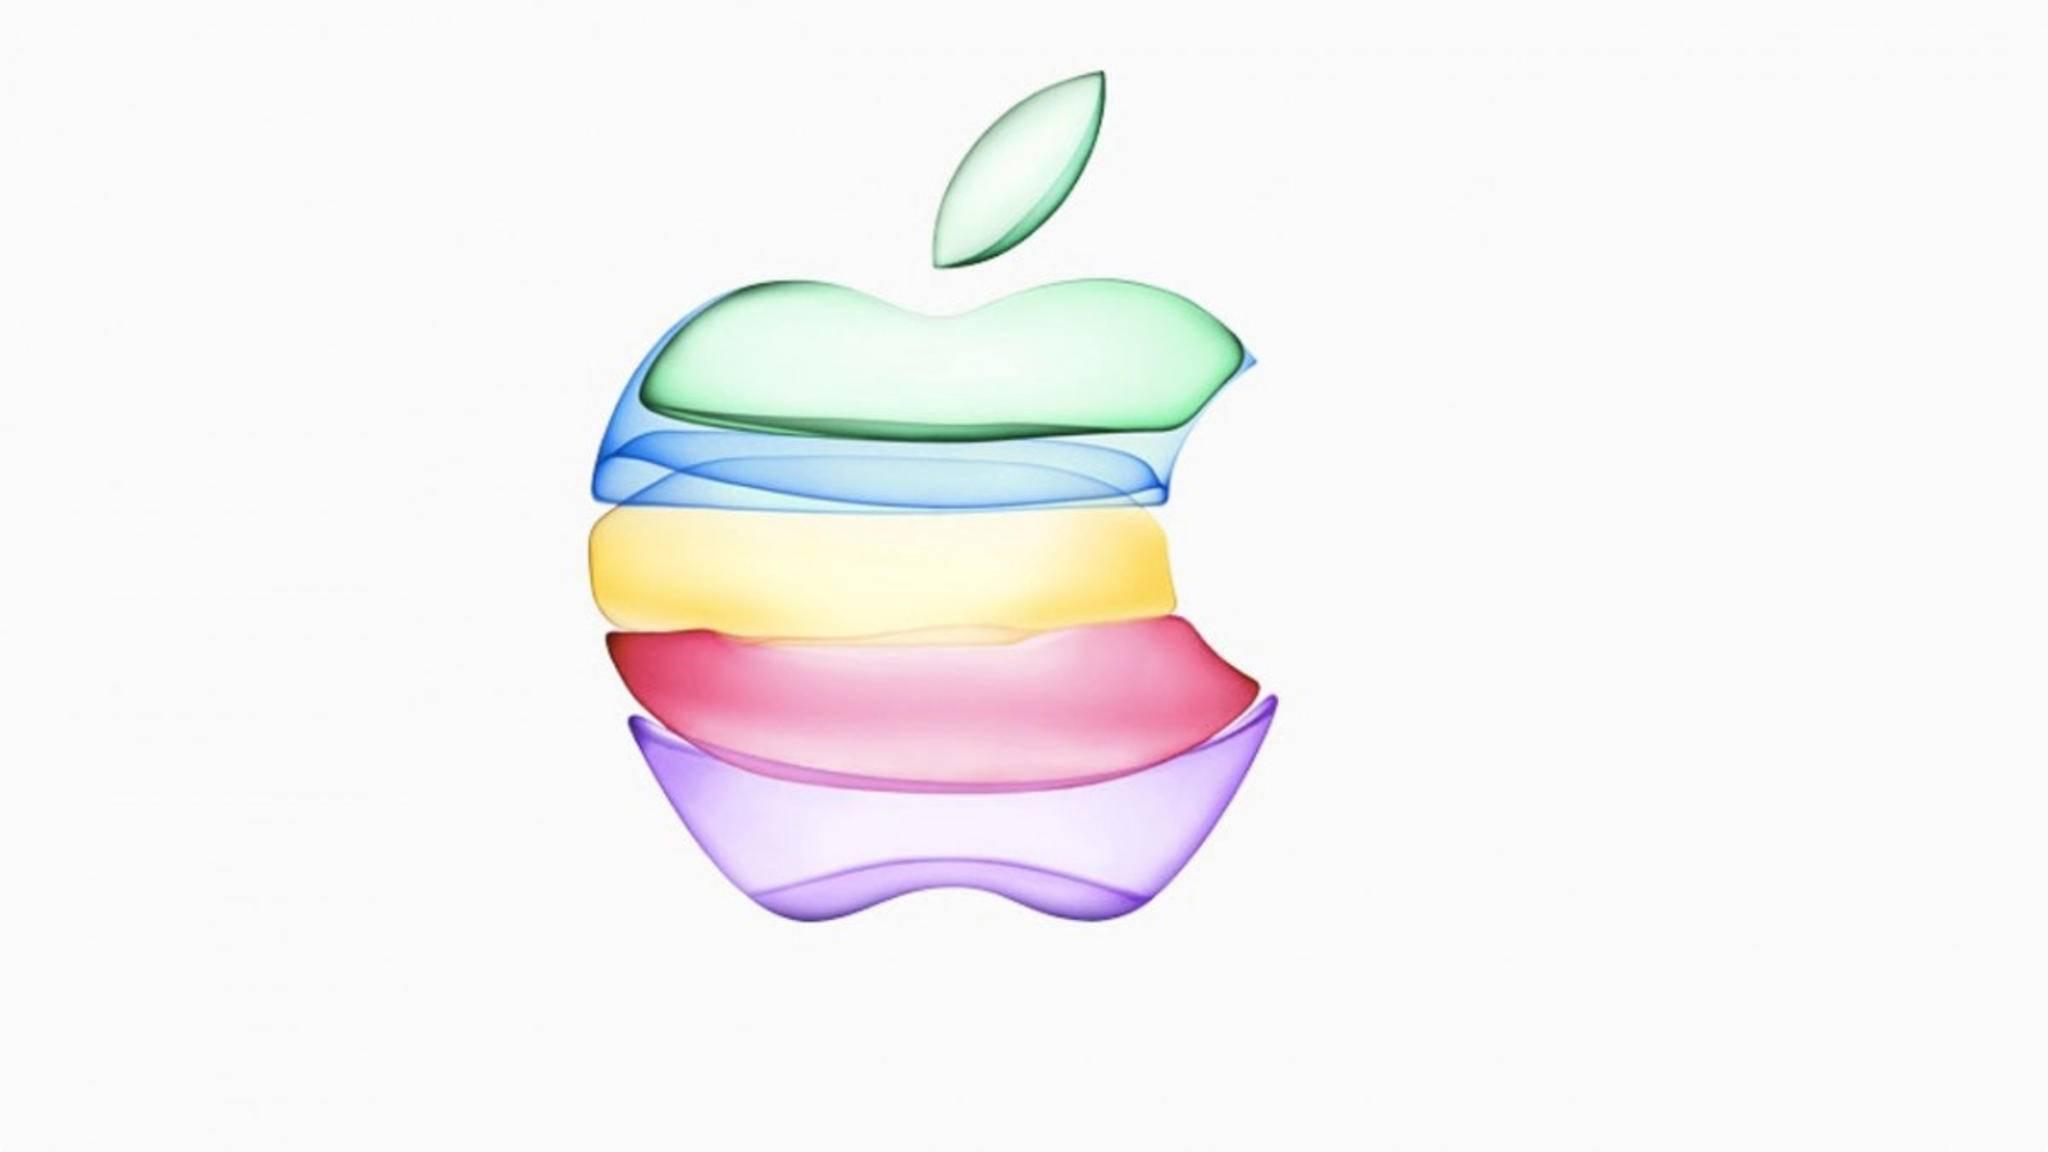 apple-event-september-2019